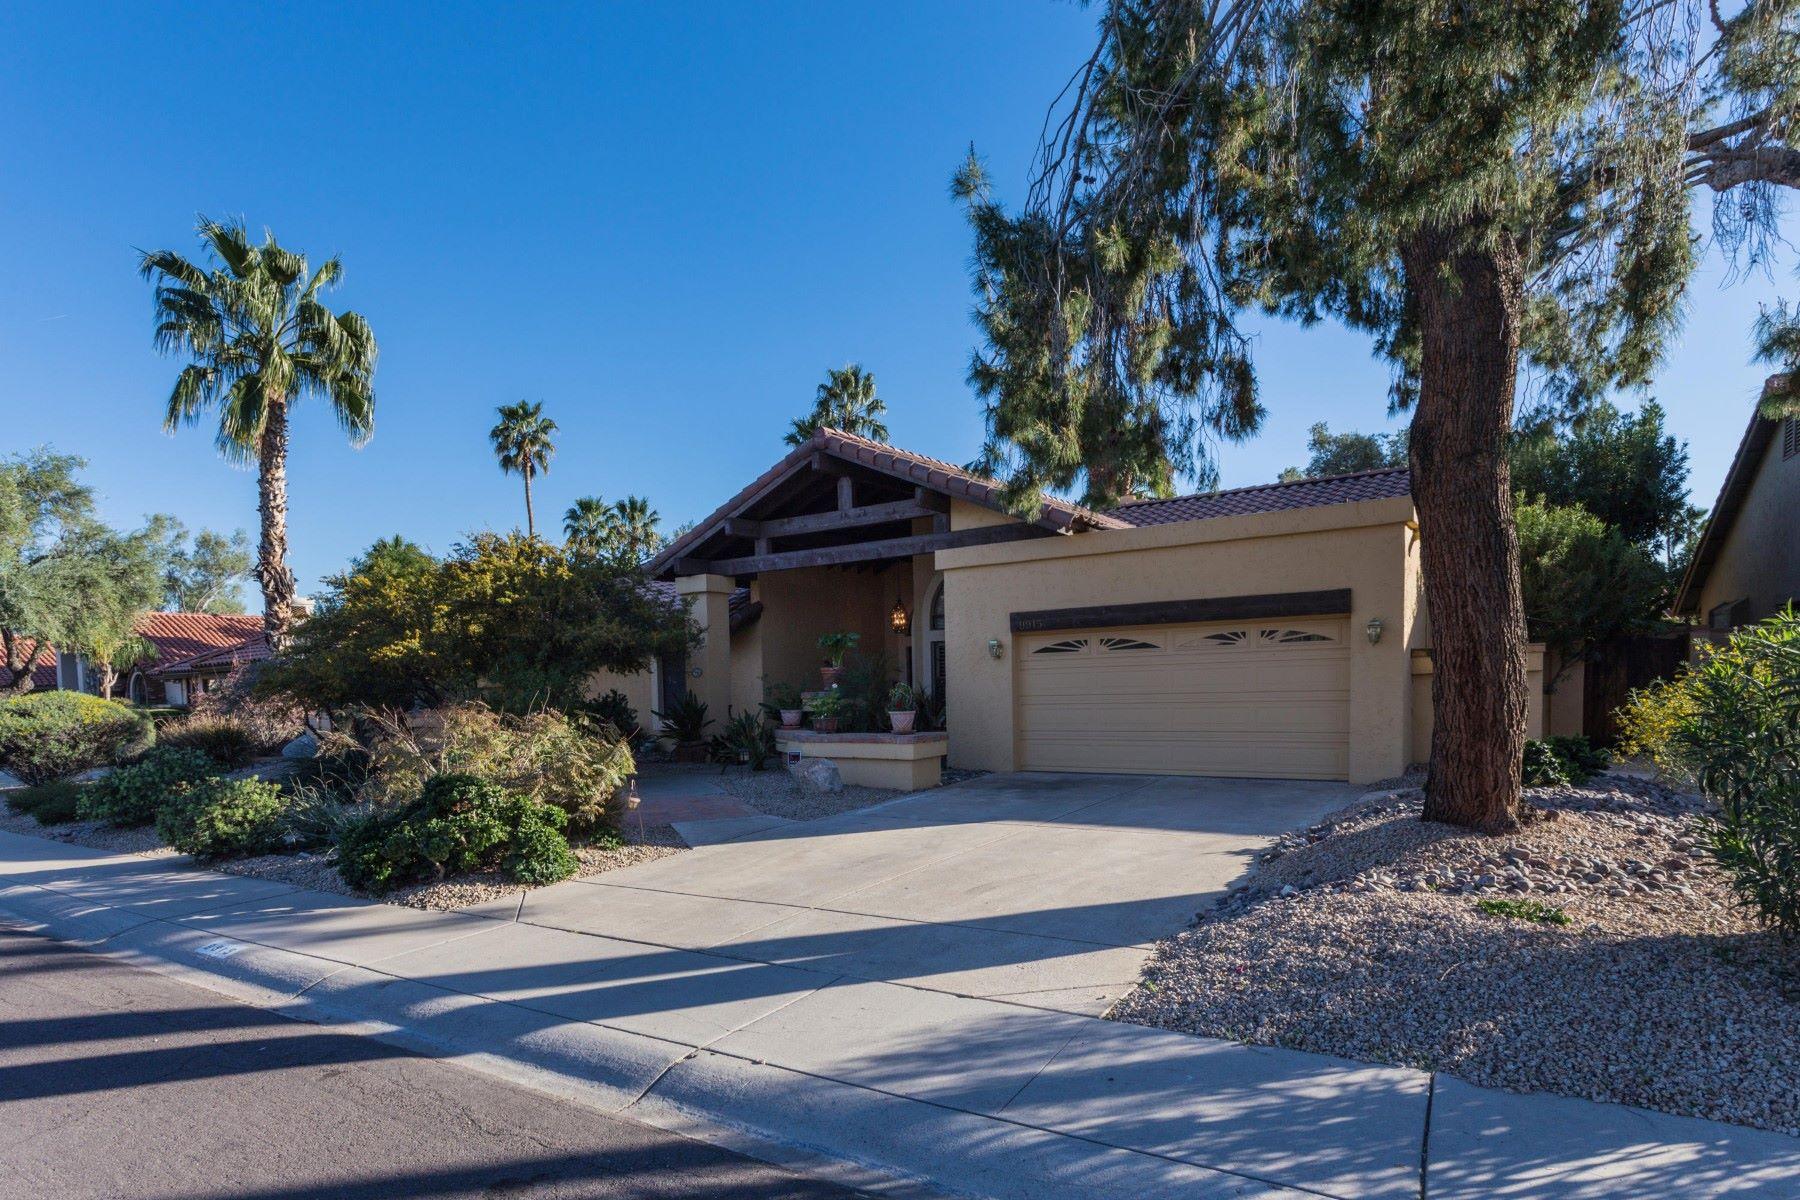 一戸建て のために 売買 アット Charming Scottsdale Ranch home 9915 E Cinnabar Ave Scottsdale, アリゾナ, 85258 アメリカ合衆国